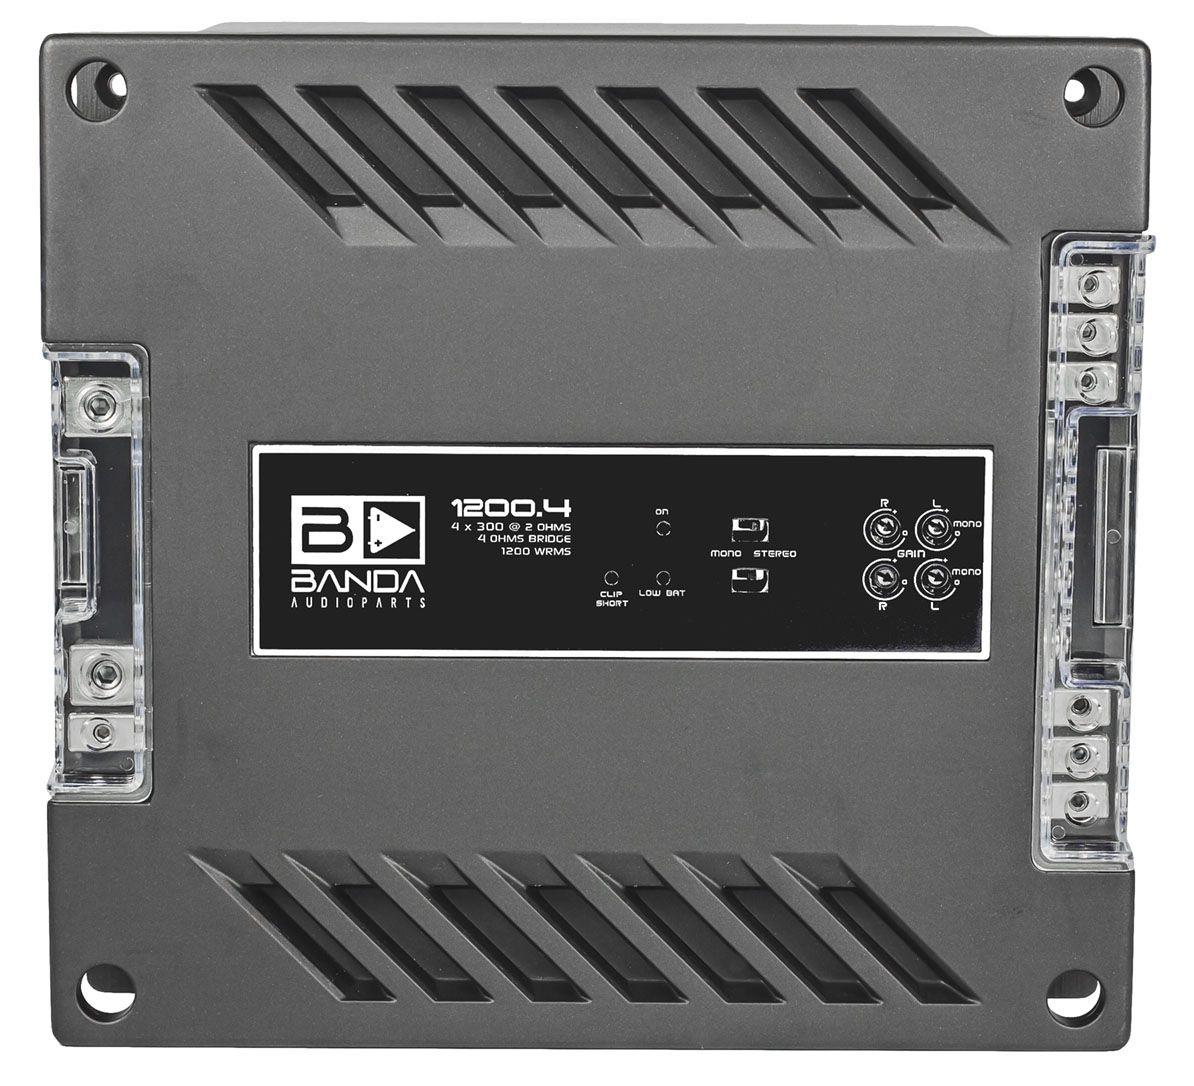 Módulo Amplificador Banda 1200.4 4 Canais 1 Ohm